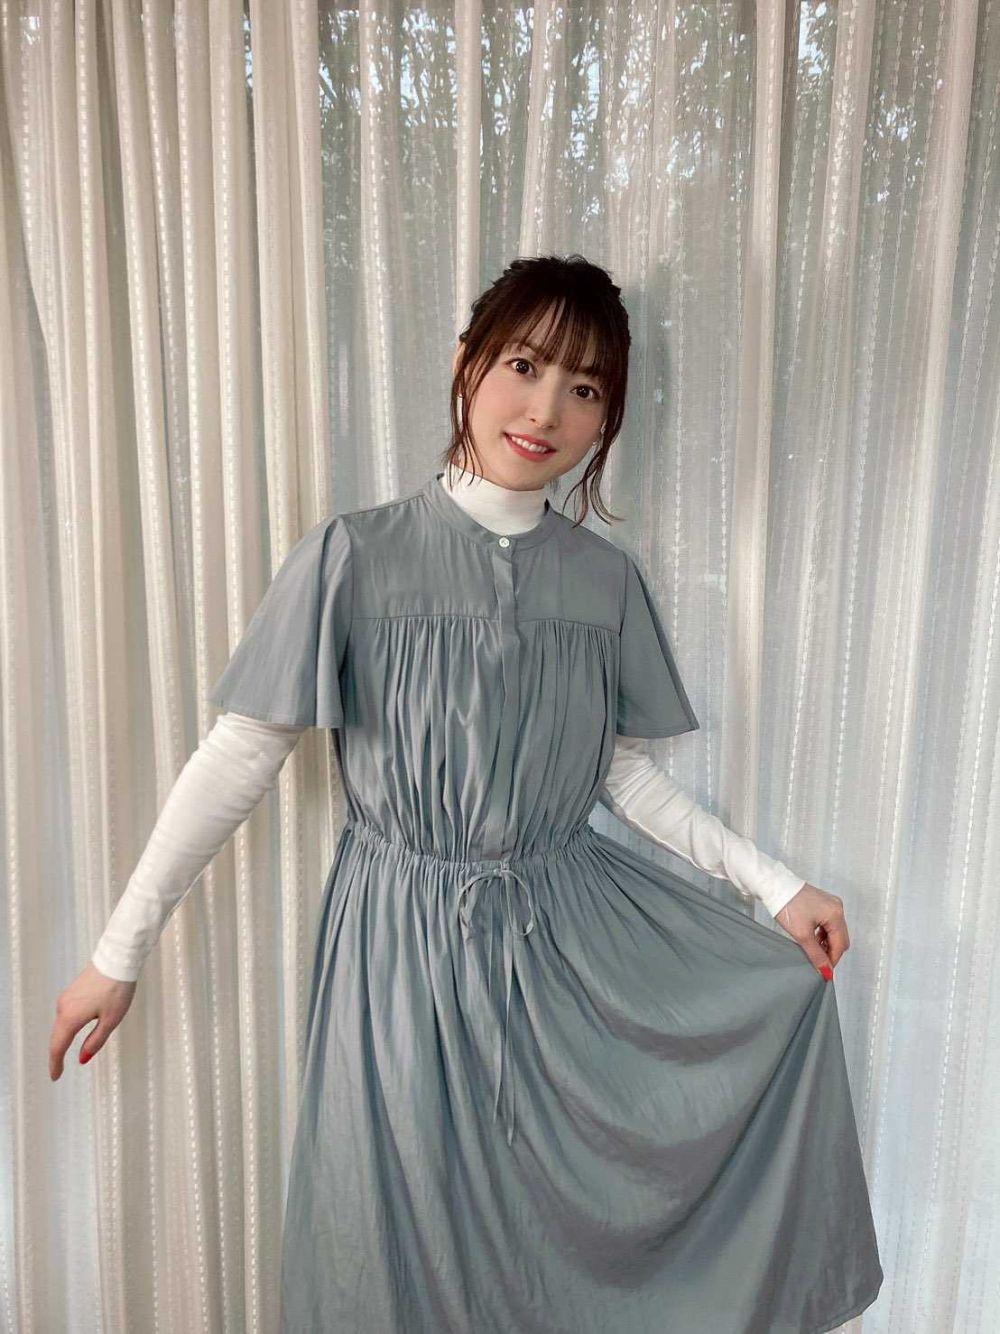 9 Fakta Kana Hanazawa, Seiyuu Kagura Mobile Legends Versi Jepang